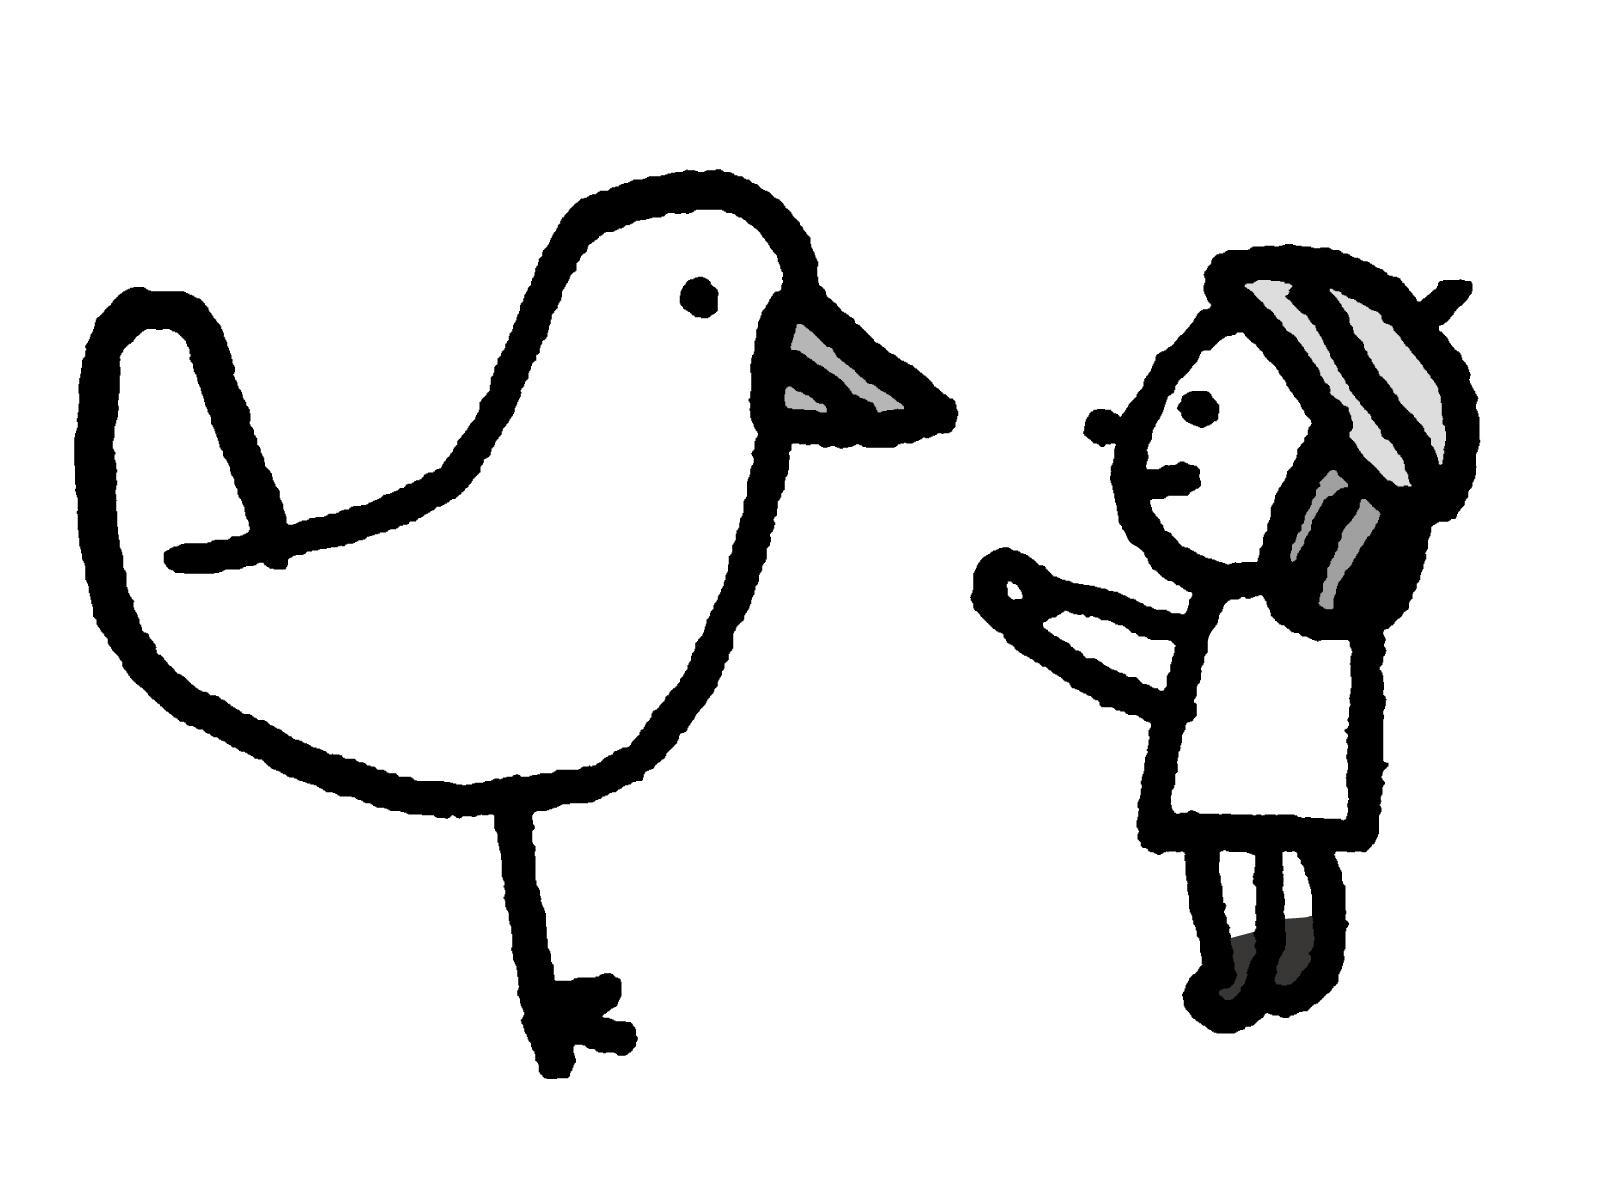 高機能自閉症の息子は言葉の遅れが顕著。幼稚園の入園を断られる